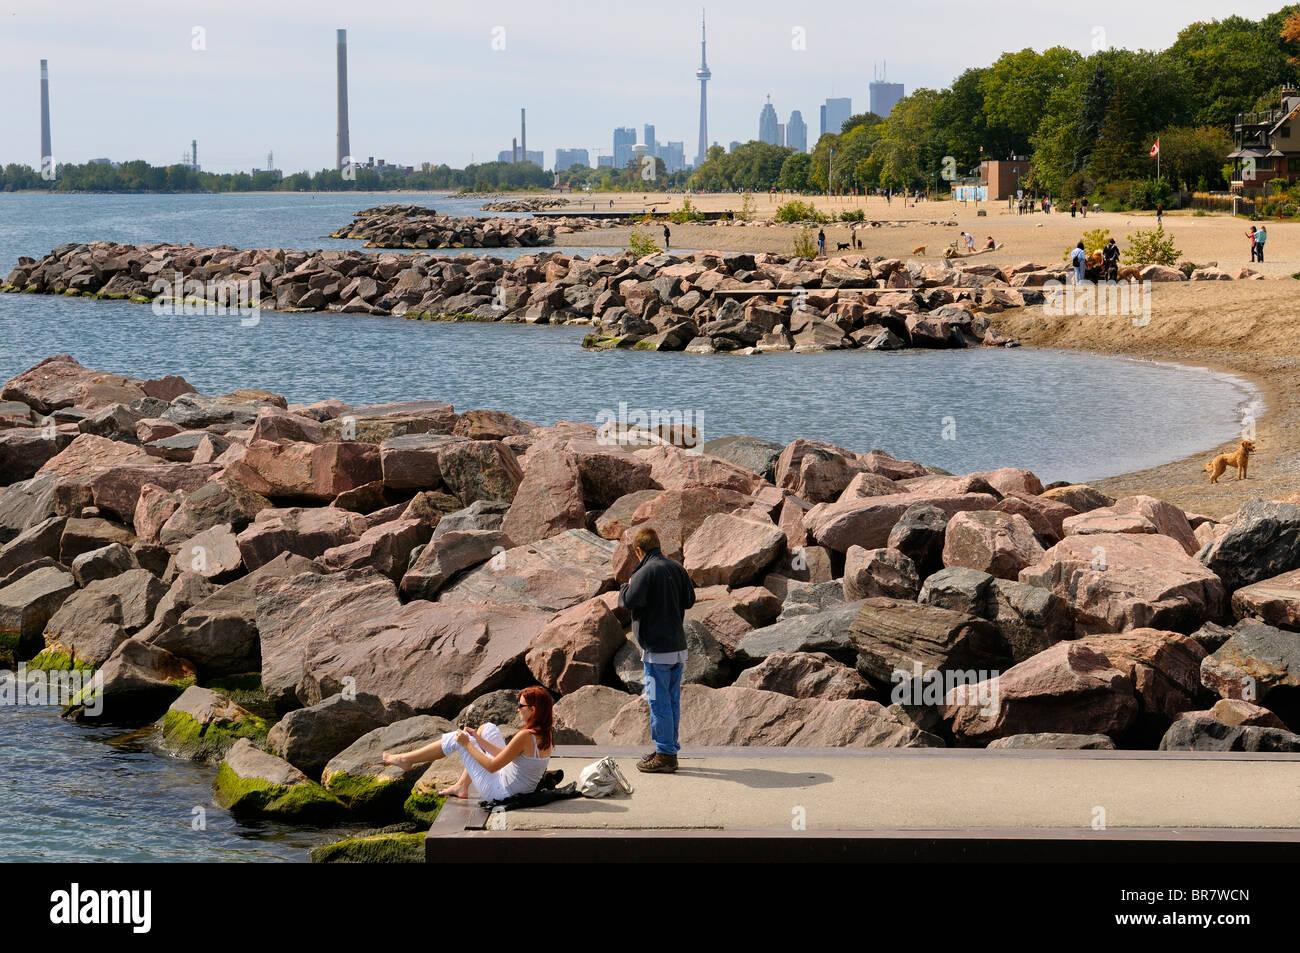 Vista de las playas de la costa de Toronto park en el lago Ontario con perros y amantes del sol y el horizonte de Imagen De Stock